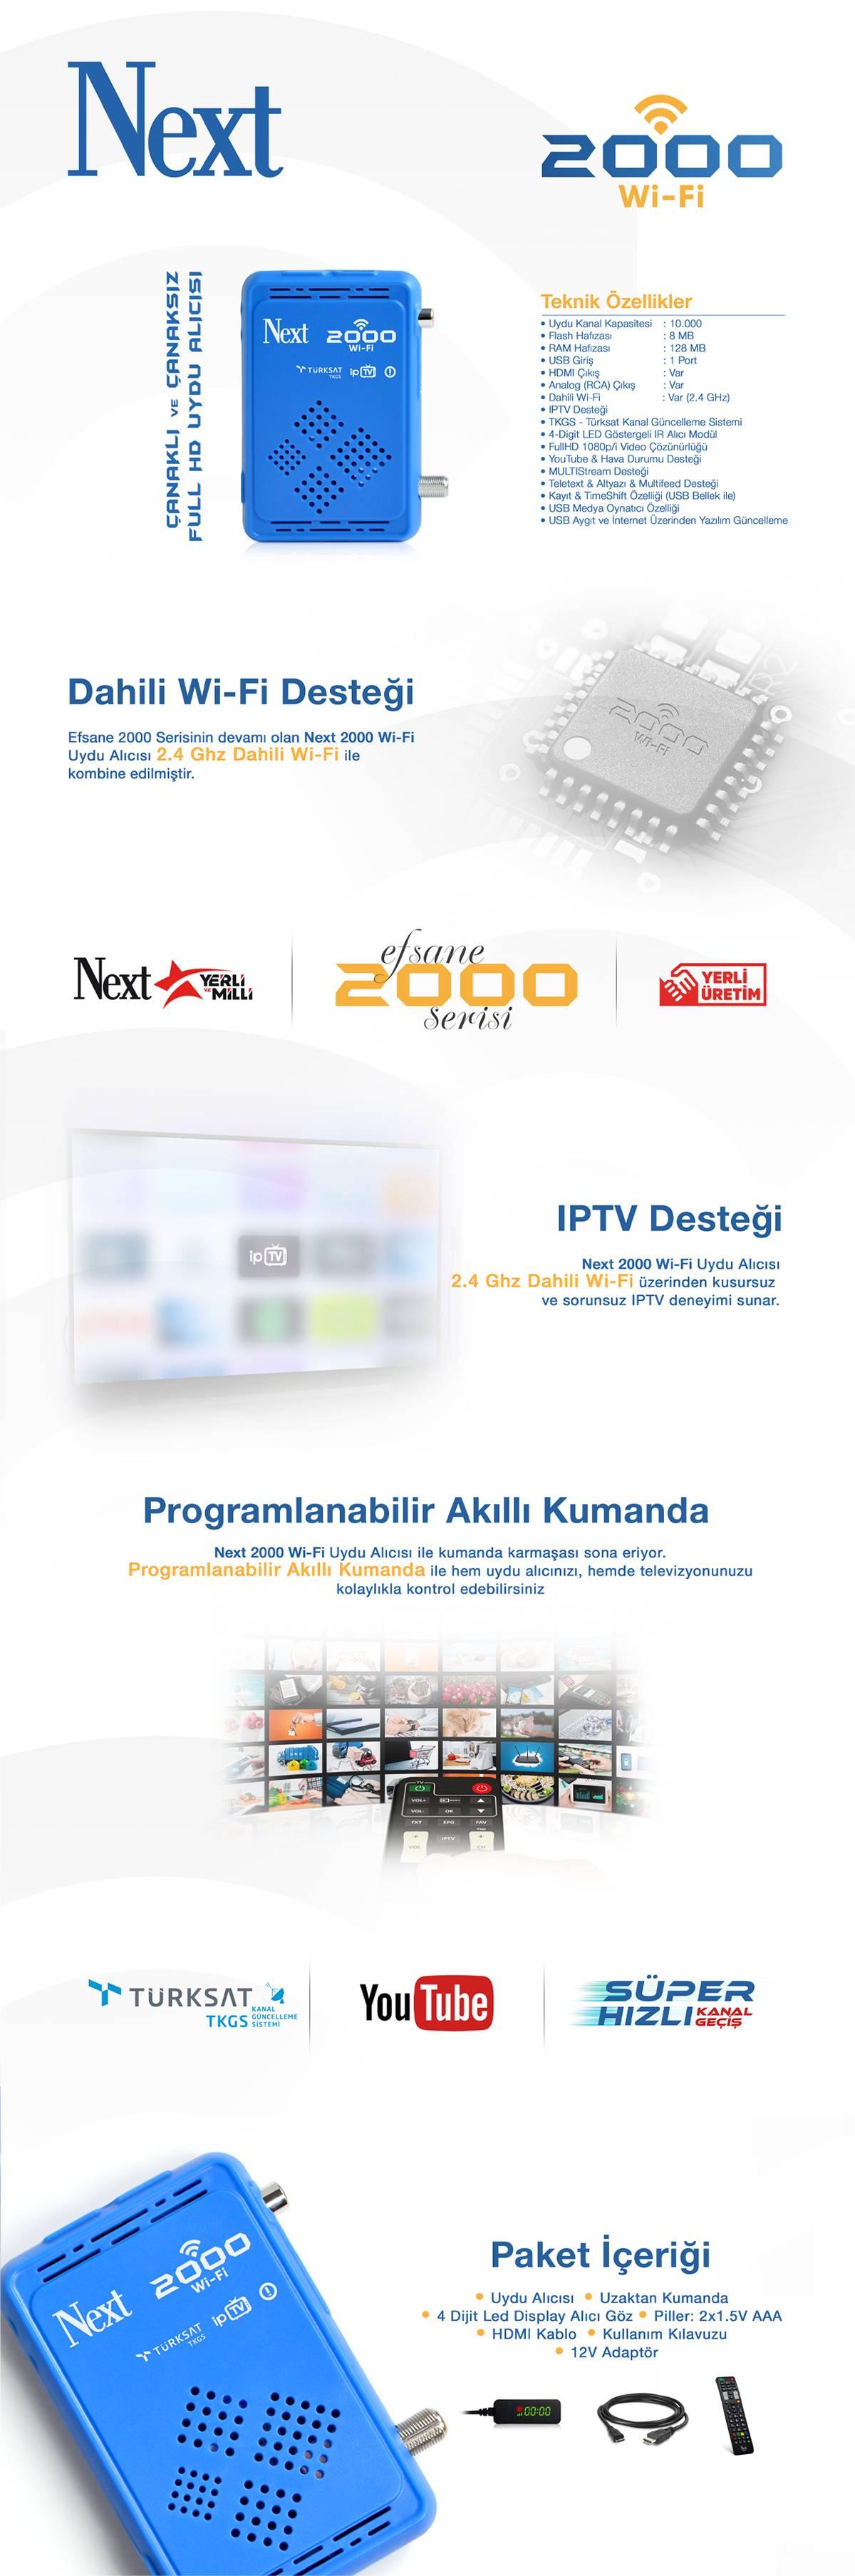 next_2000_wi-fi_tanitim.jpg (259 KB)